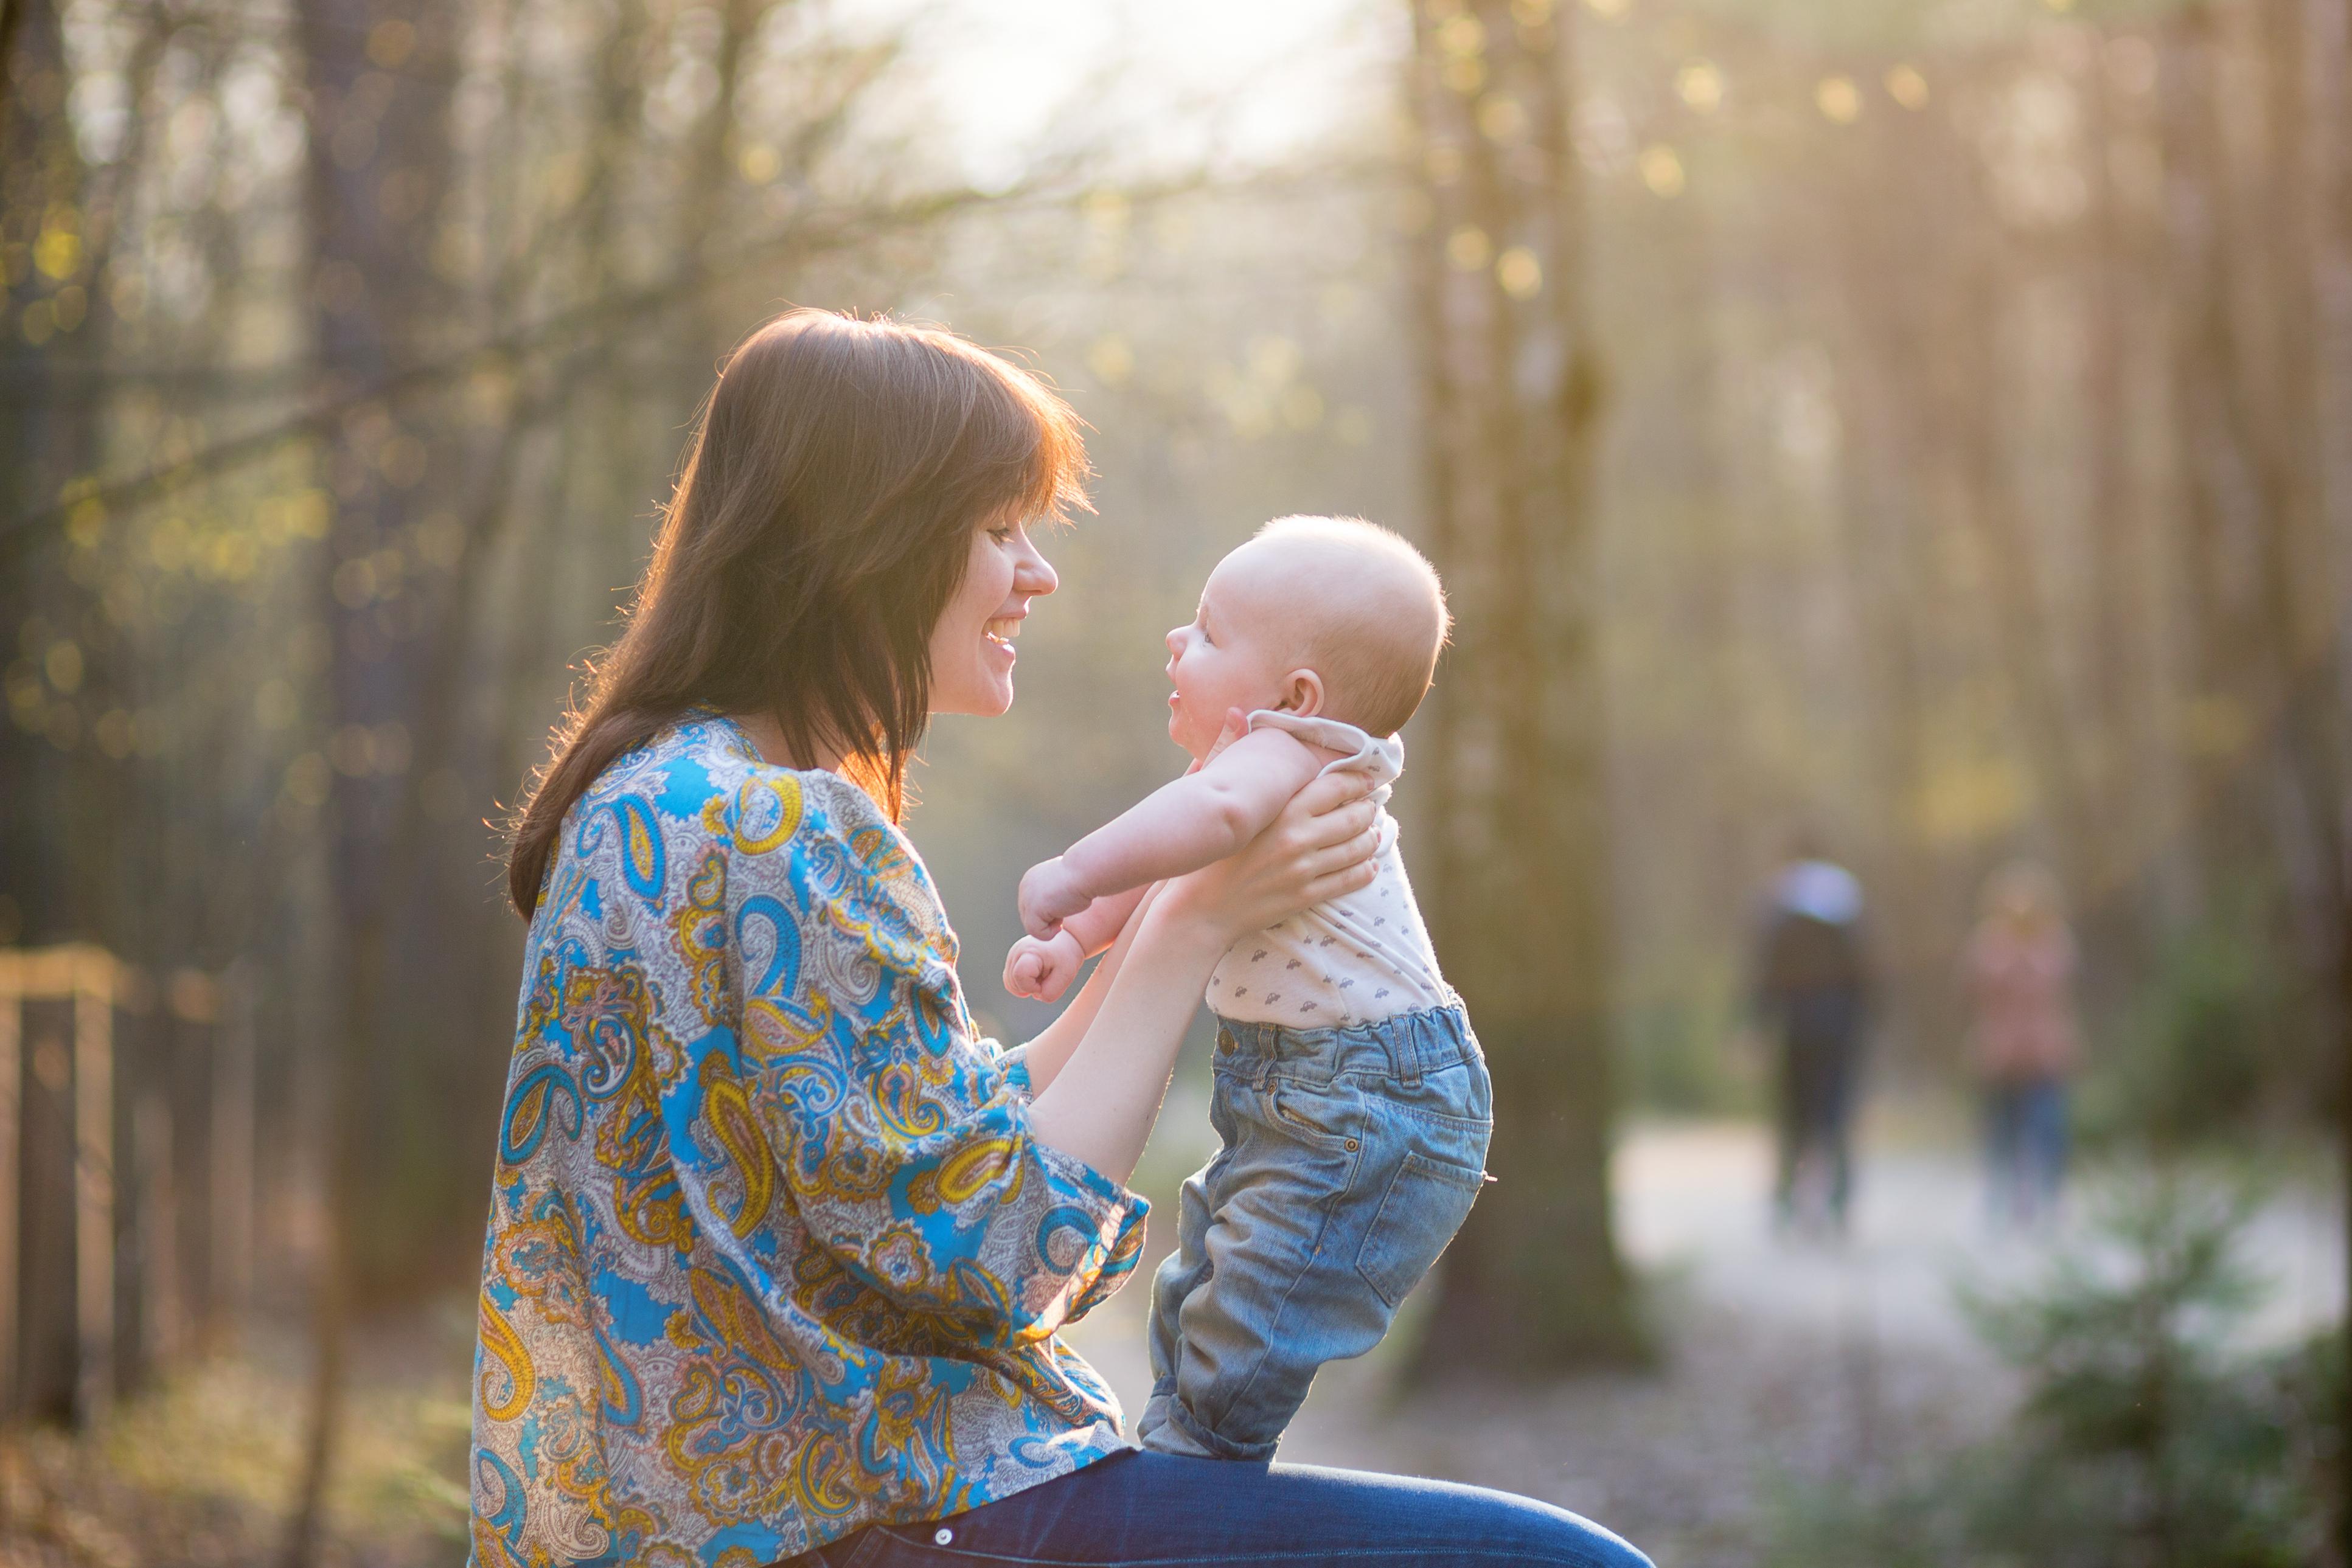 Genom att tolka signaler och kroppsspråk kan du och din bebis kommunicera och få en nära kontakt med varandra.Genom att tolka signaler och kroppsspråk kan du och din bebis kommunicera och få en nära kontakt med varandra.